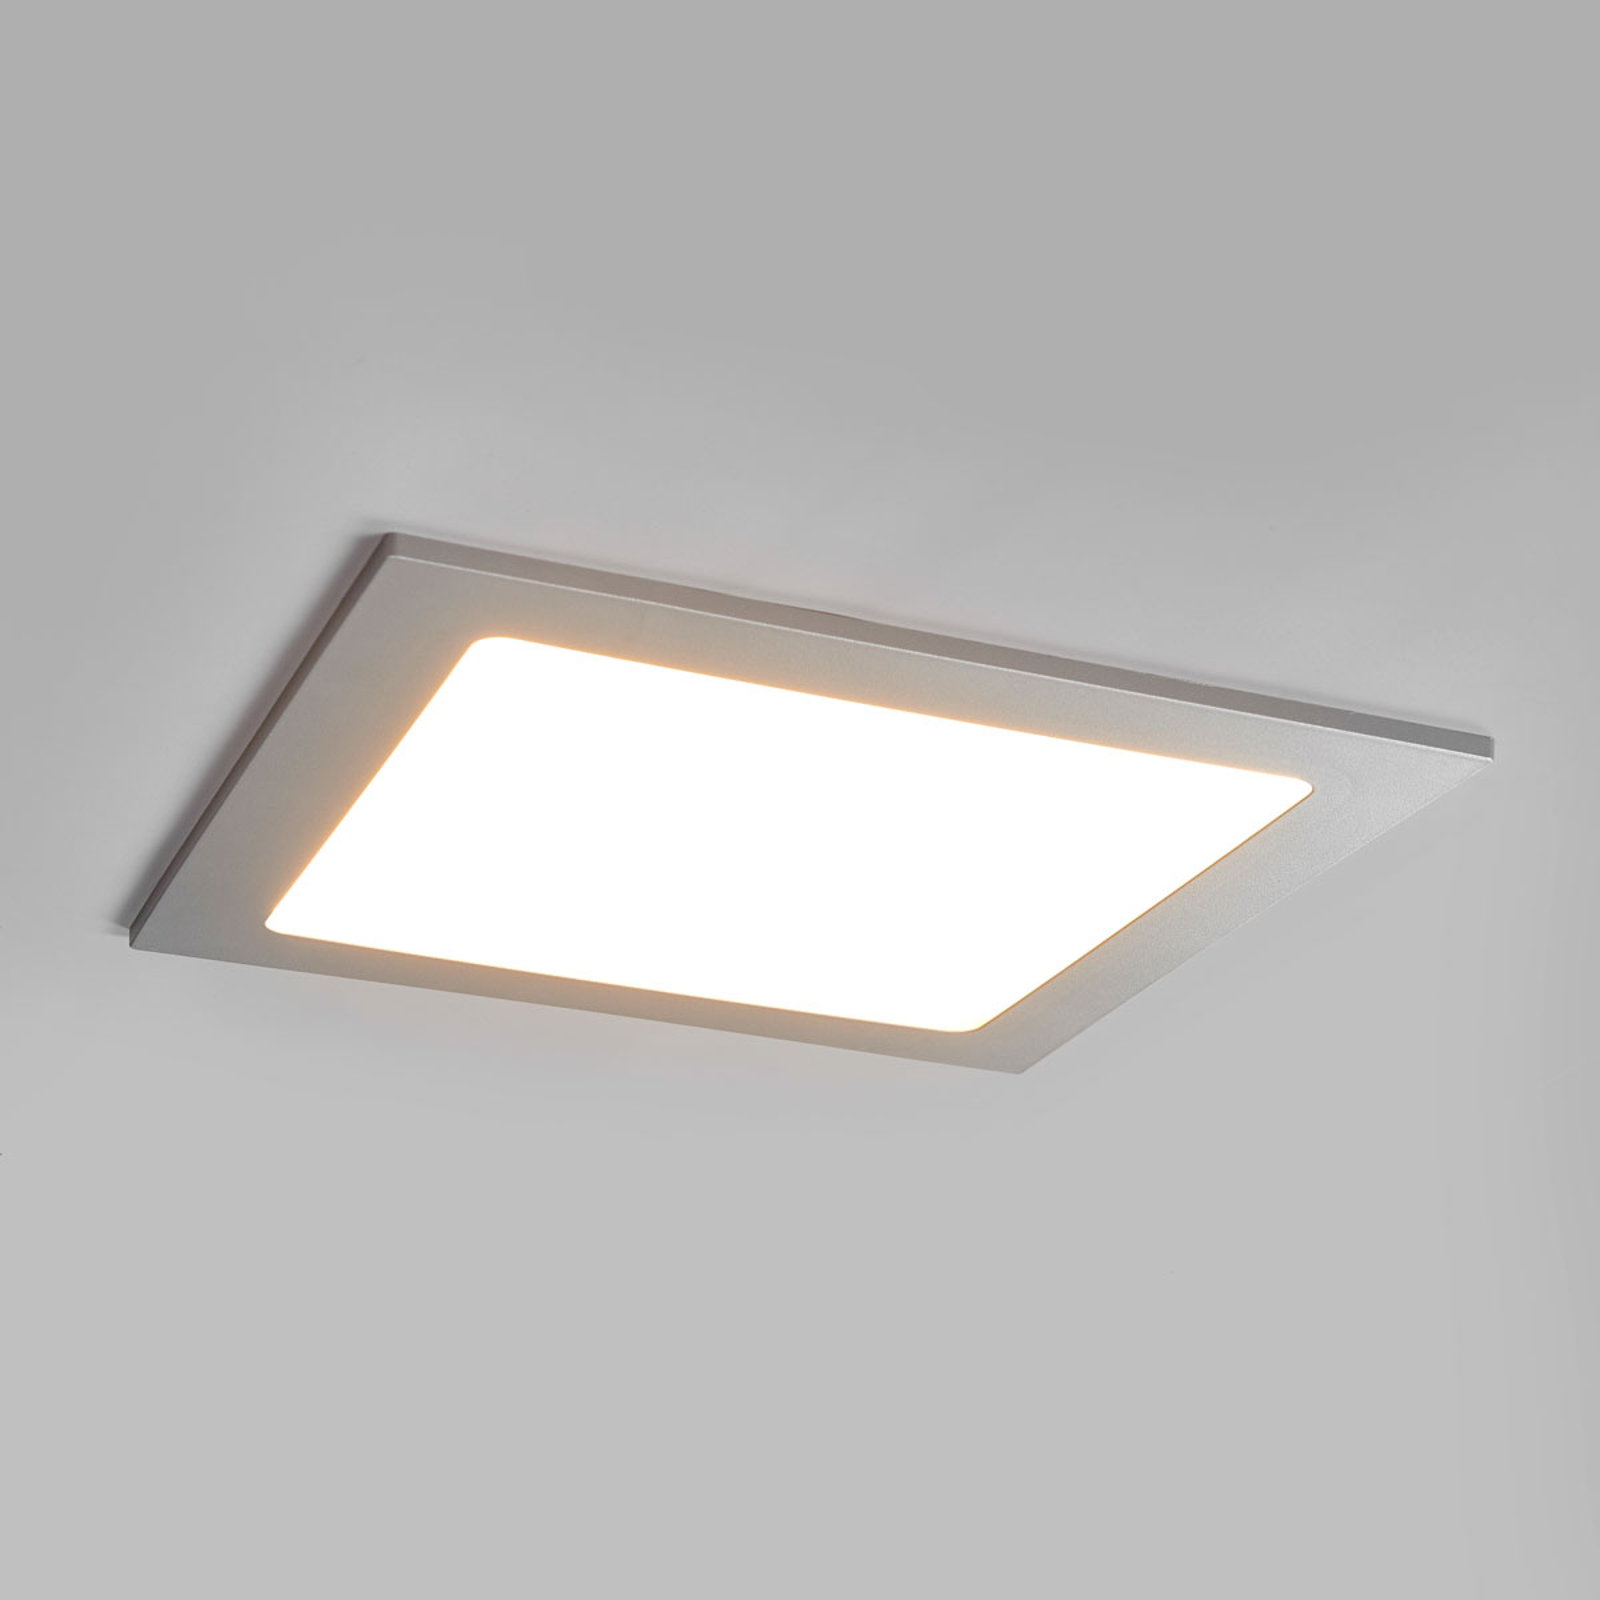 Spot LED Joki argenté 3000K angulaire 22cm